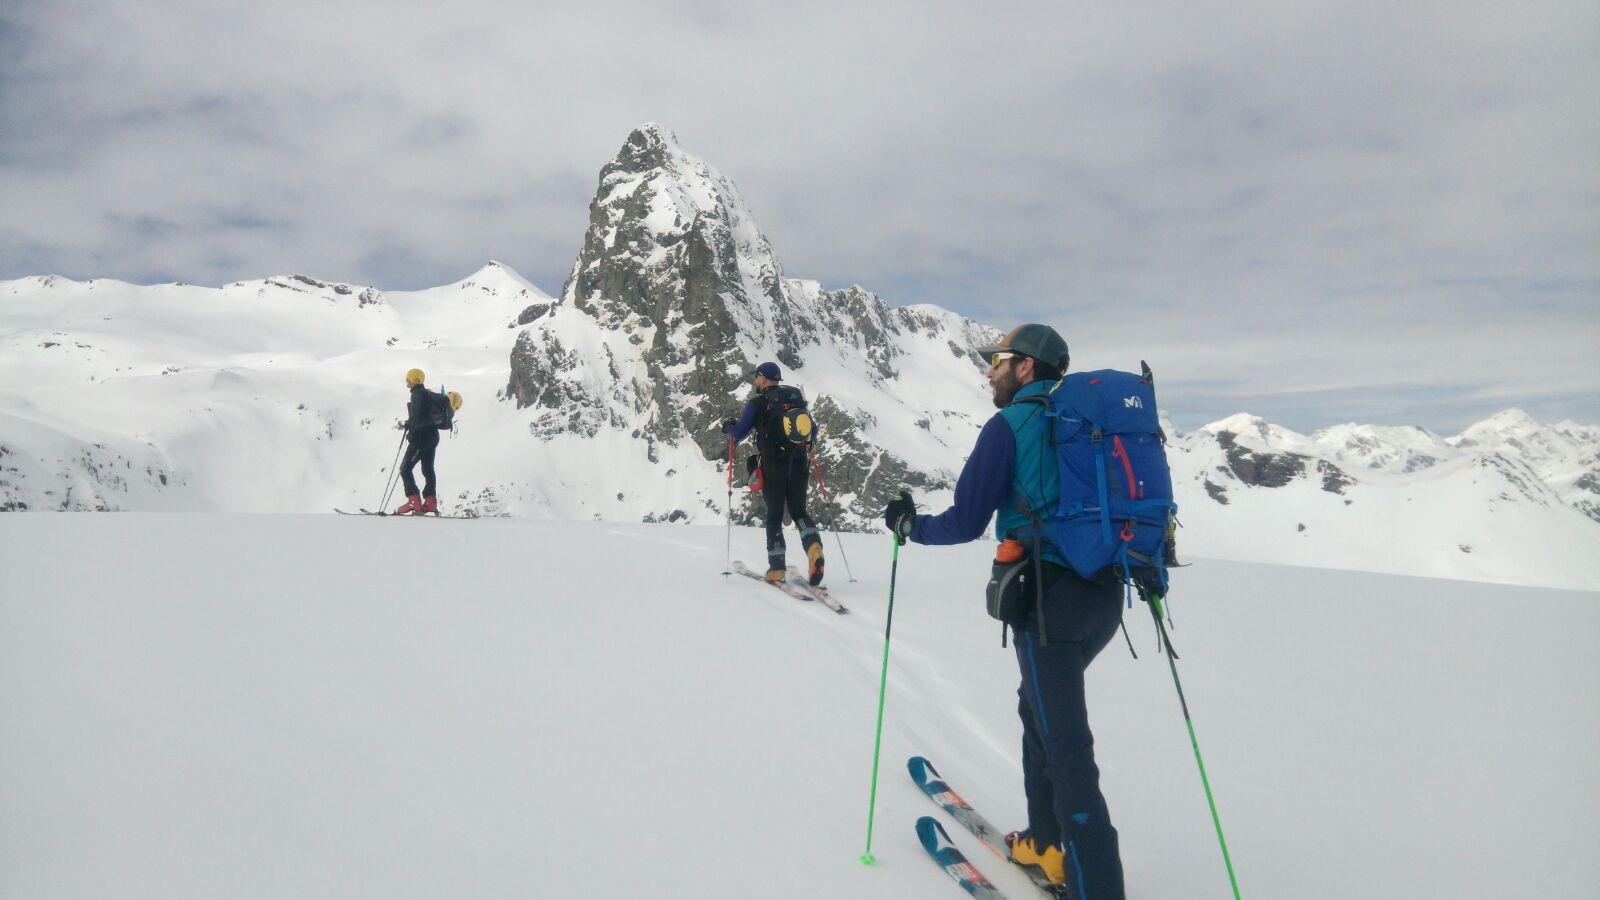 Vértice de Anayet (2.555mts) y Punta Espelunciecha (2.399mts) con esquís.